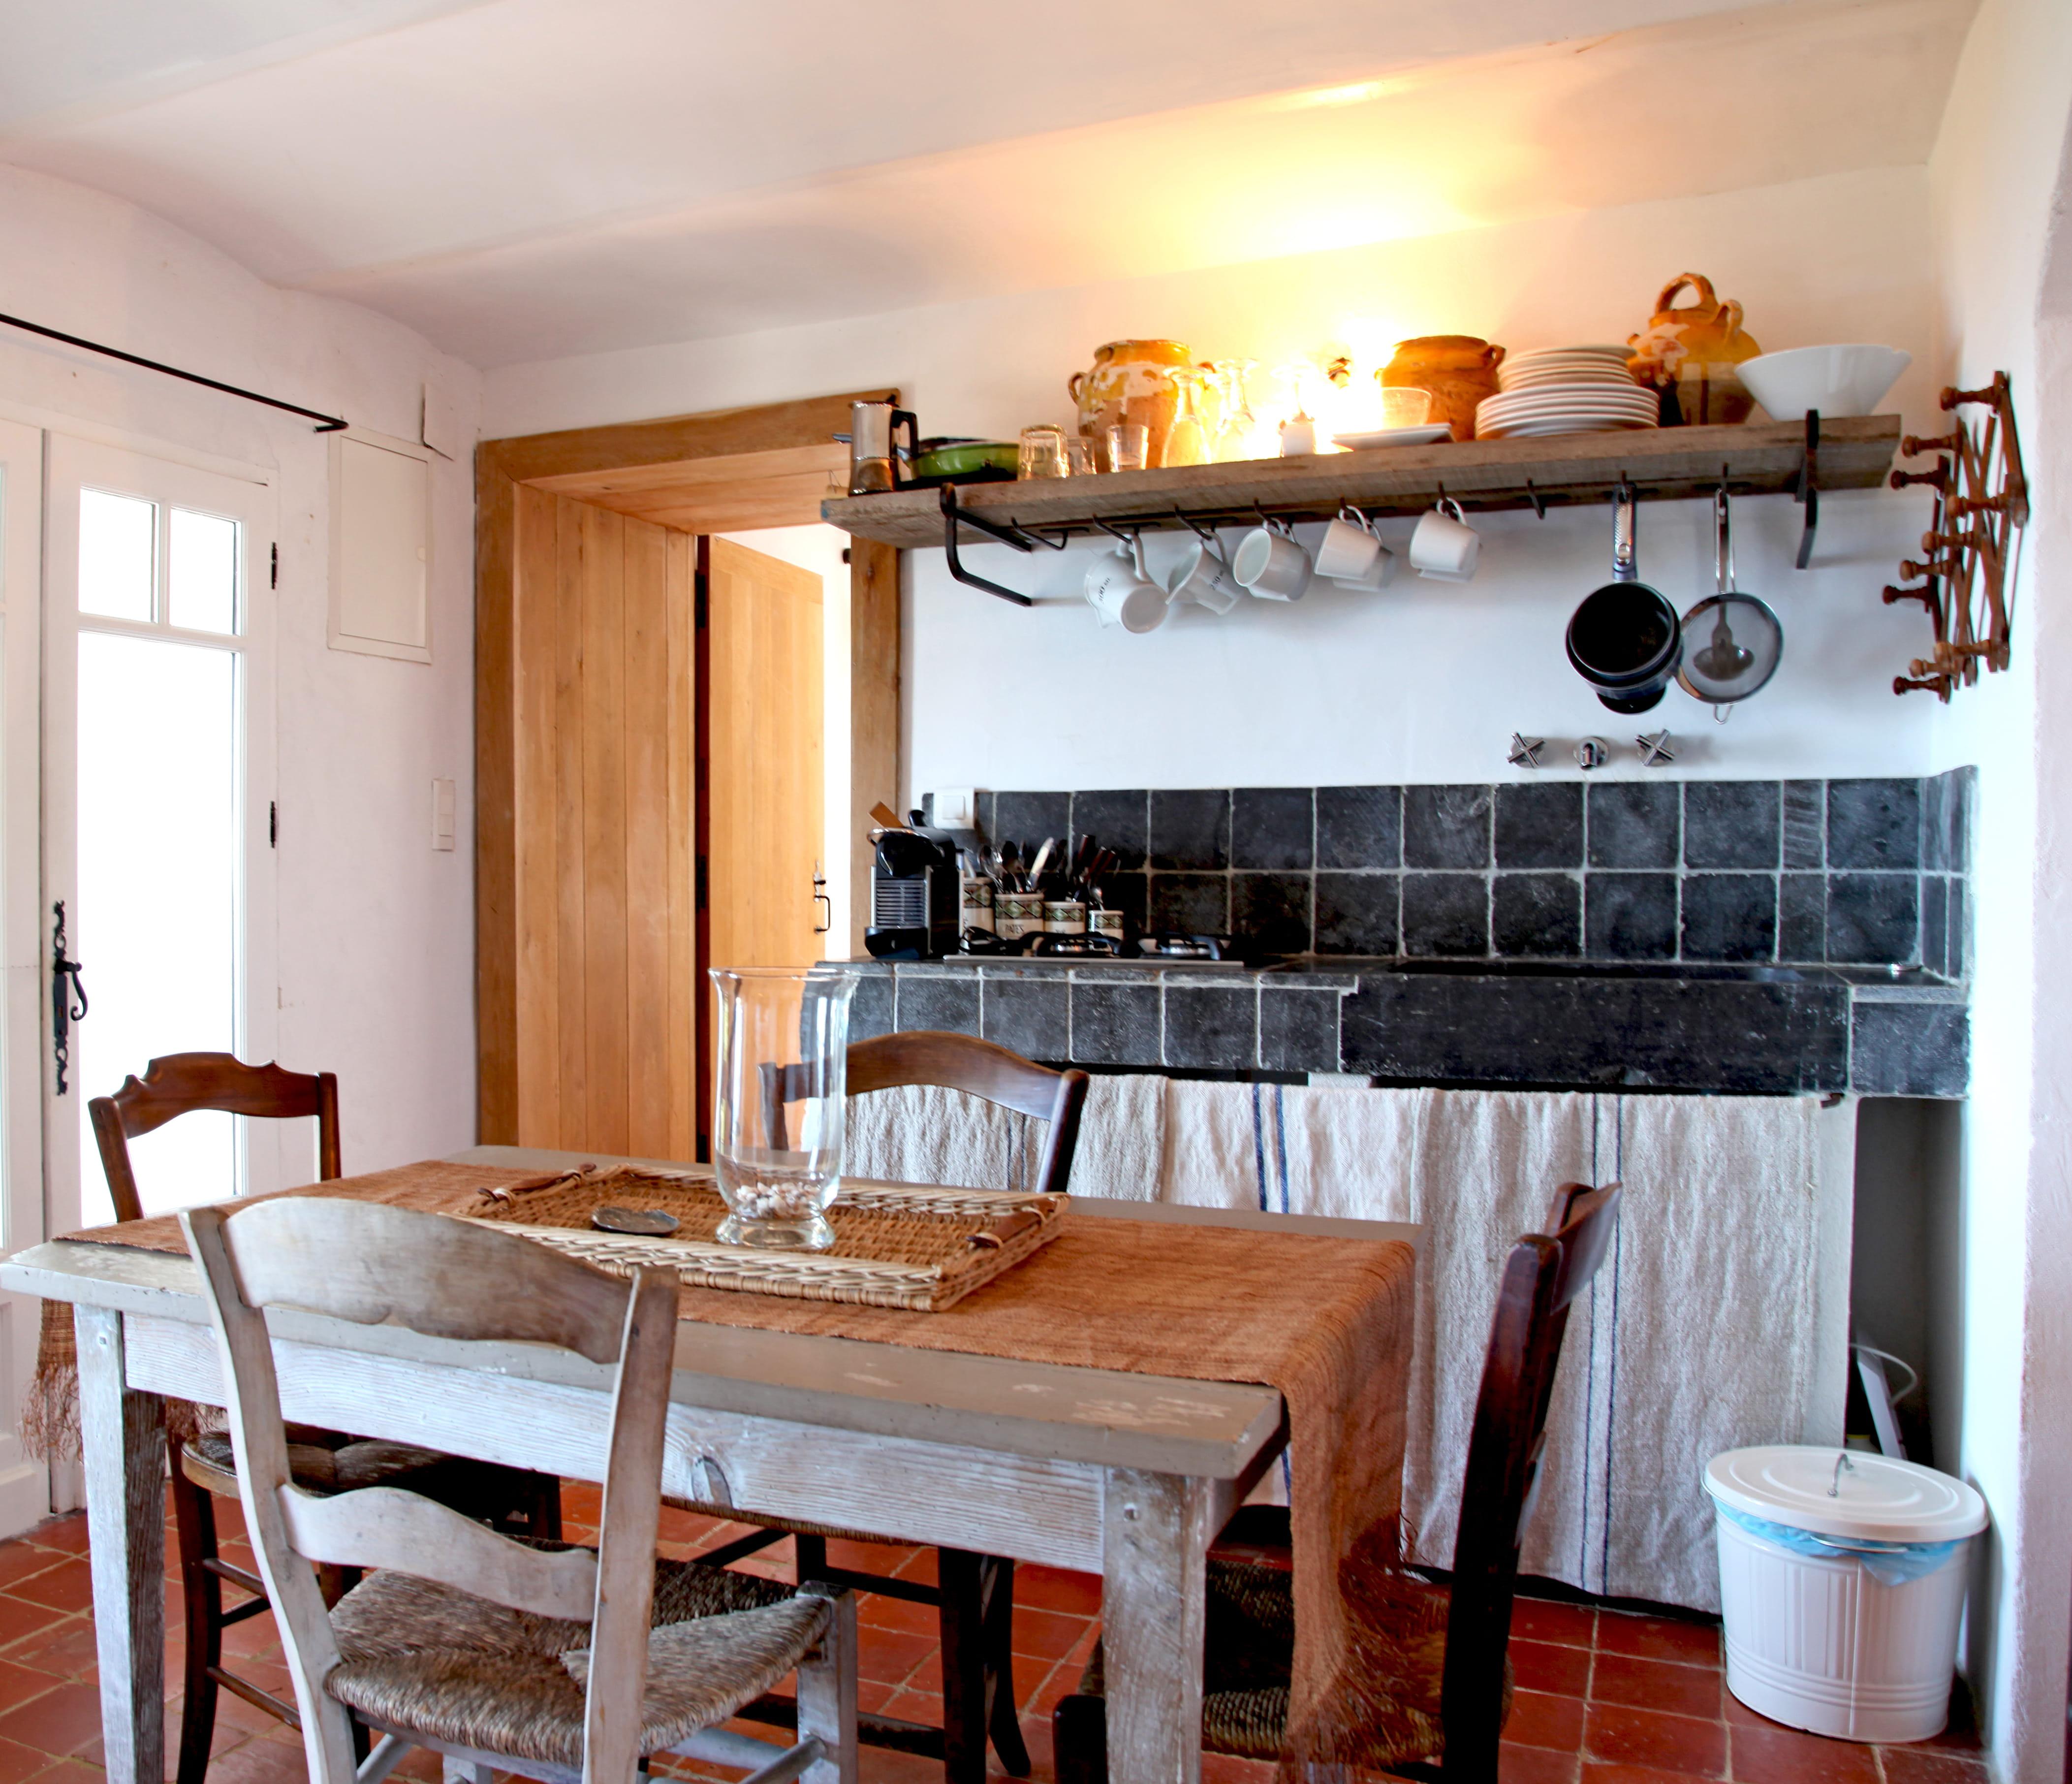 18 id es pour une petite cuisine optimis e et fonctionnelle - Photo petite cuisine ...